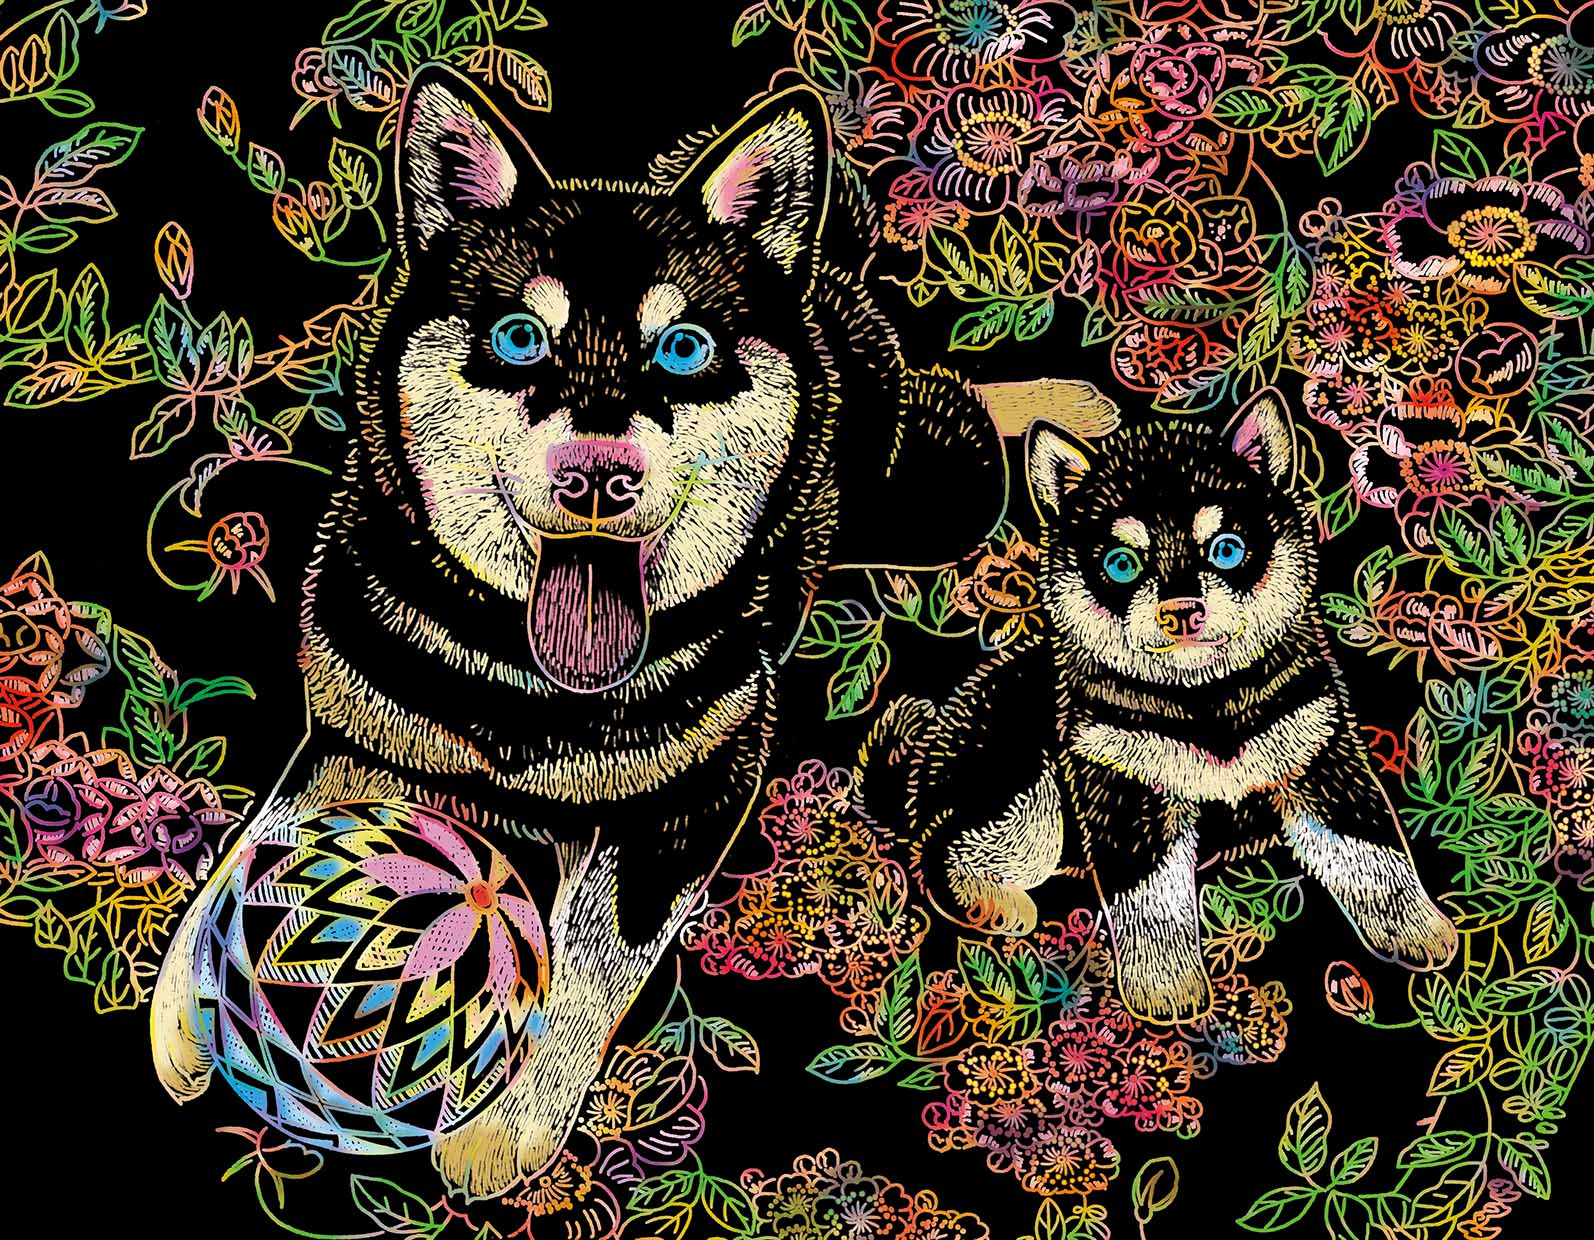 脳活性スクラッチアート 美しい日本の花と動物